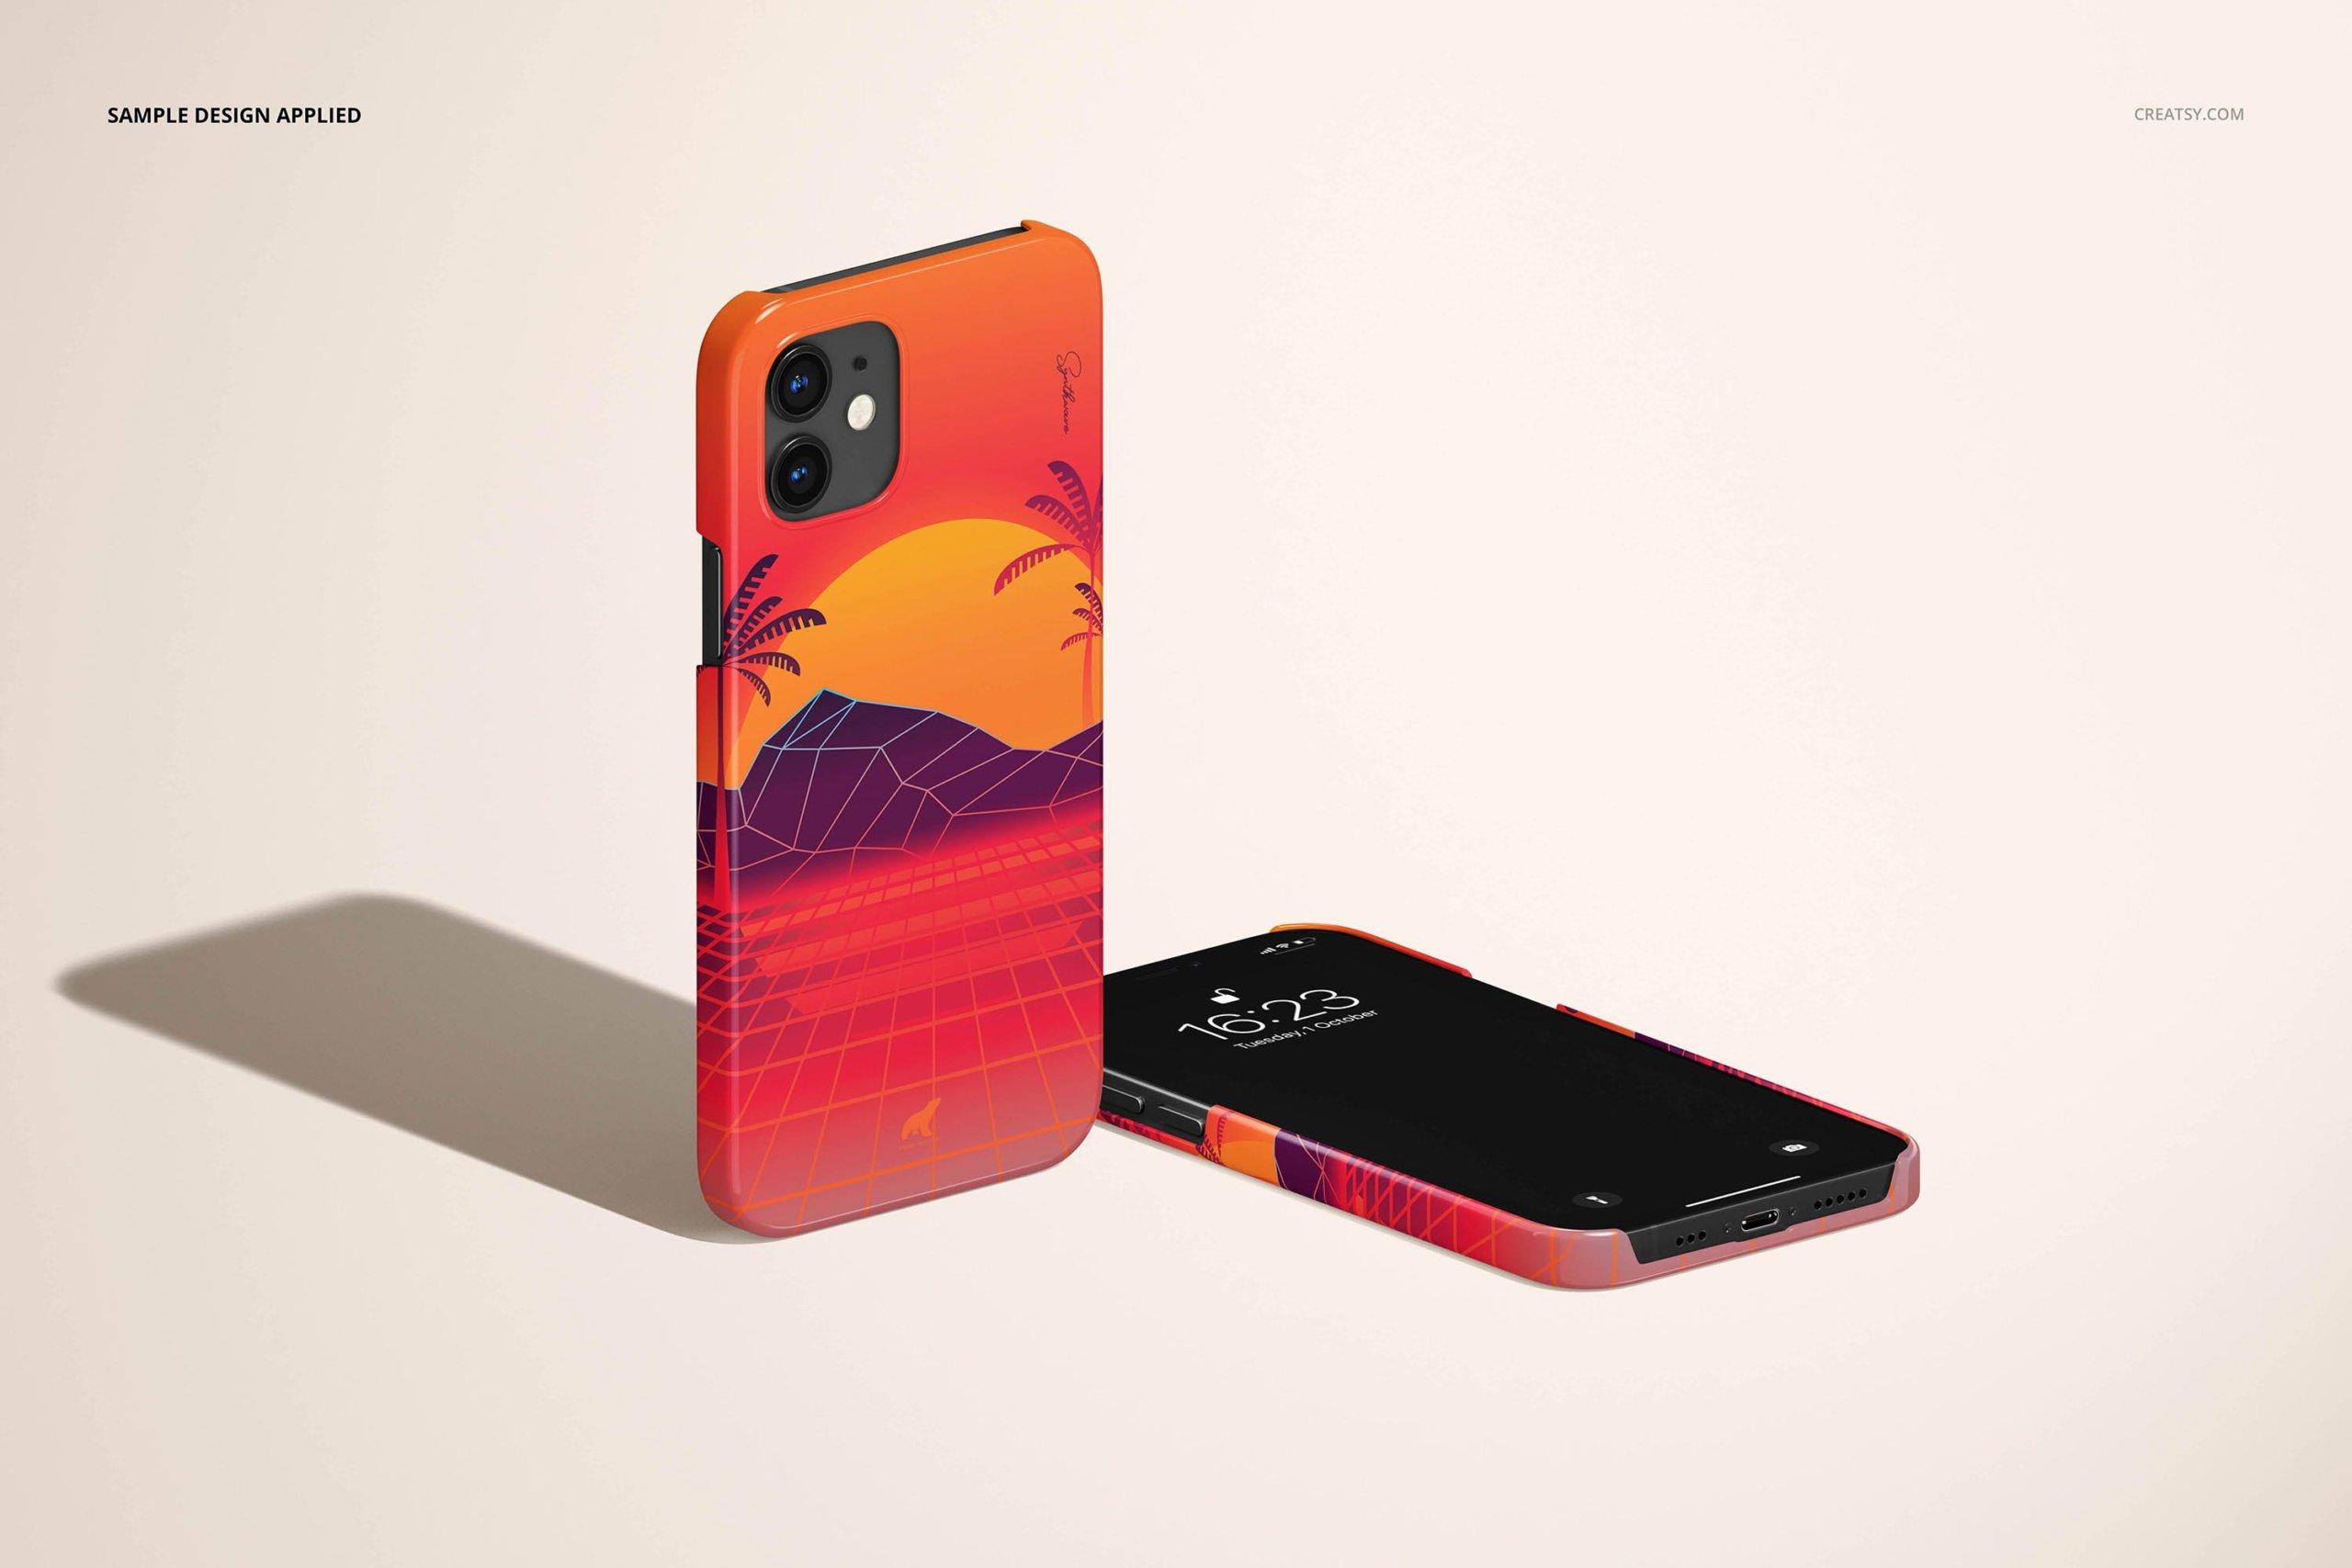 [单独购买] 26款时尚光滑苹果iPhone 12手机保护壳设计PS贴图样机模板素材 iPhone 12 Glossy Snap Case 1 Mockup插图14